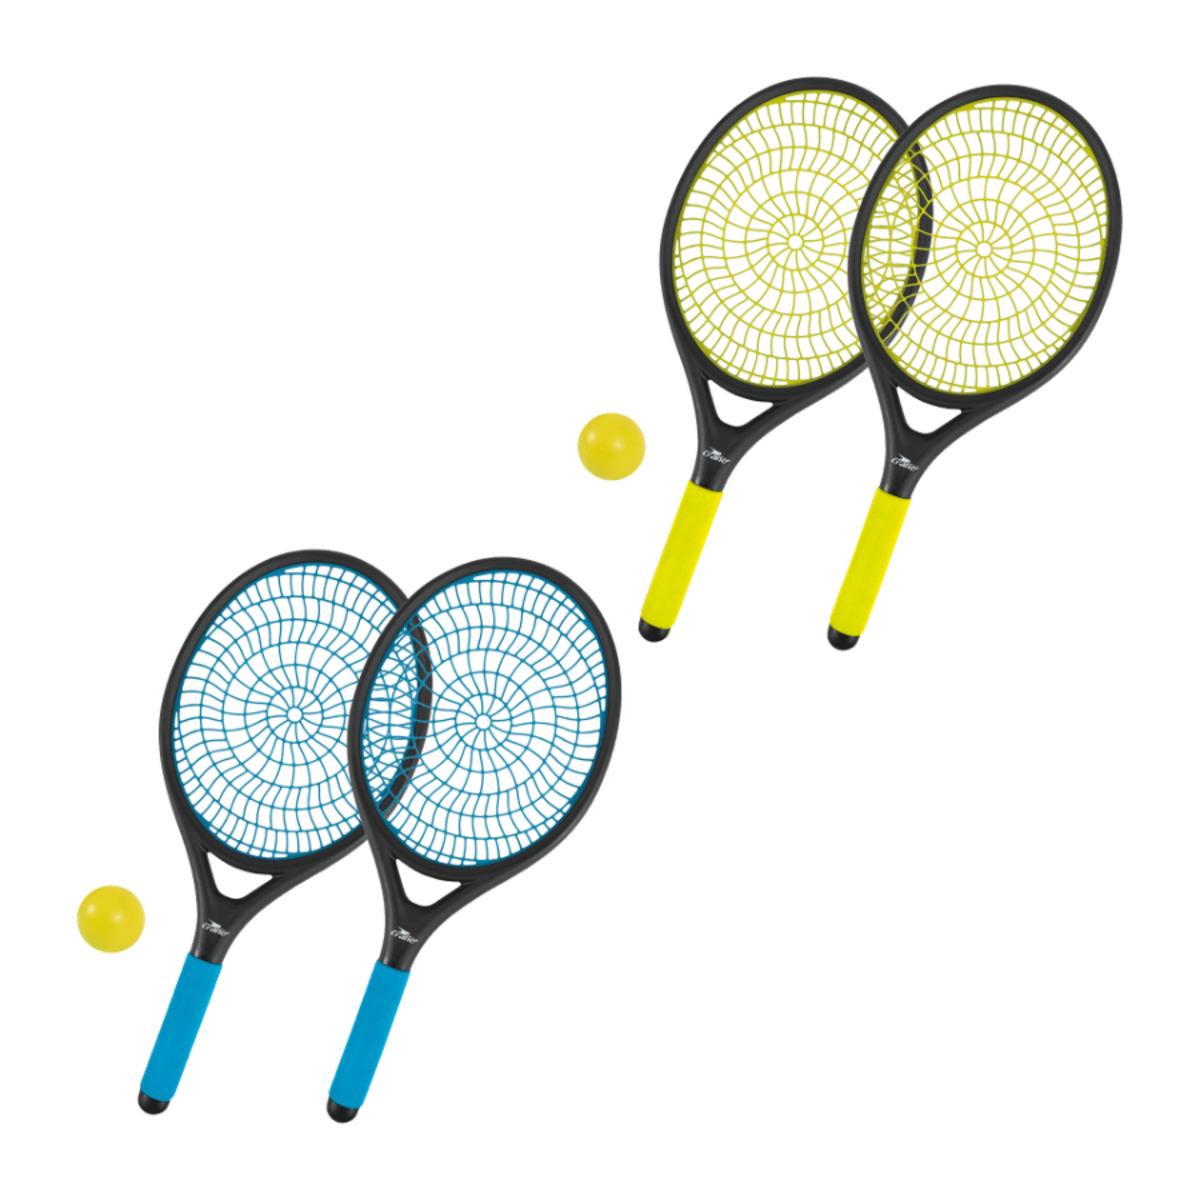 Bild 1 von CRANE     Garten-Tennis-Set